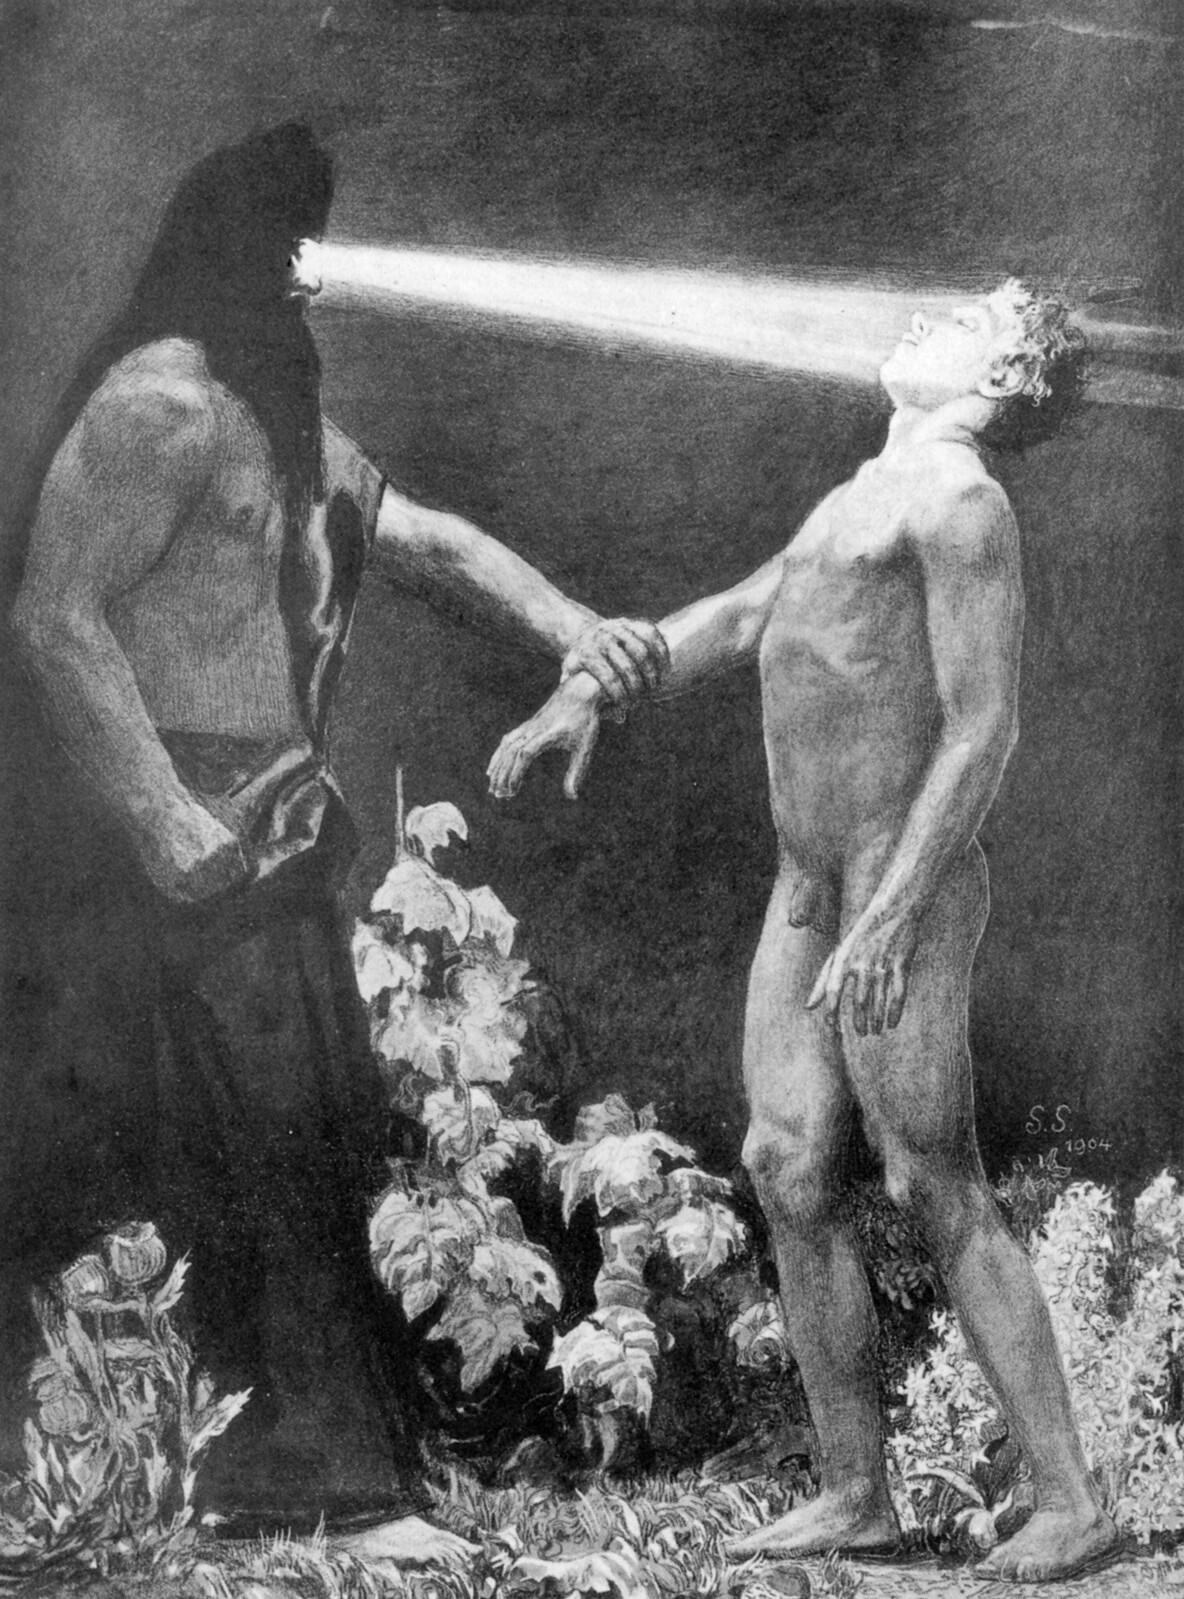 Sascha Schneider - Hypnotism, 1904